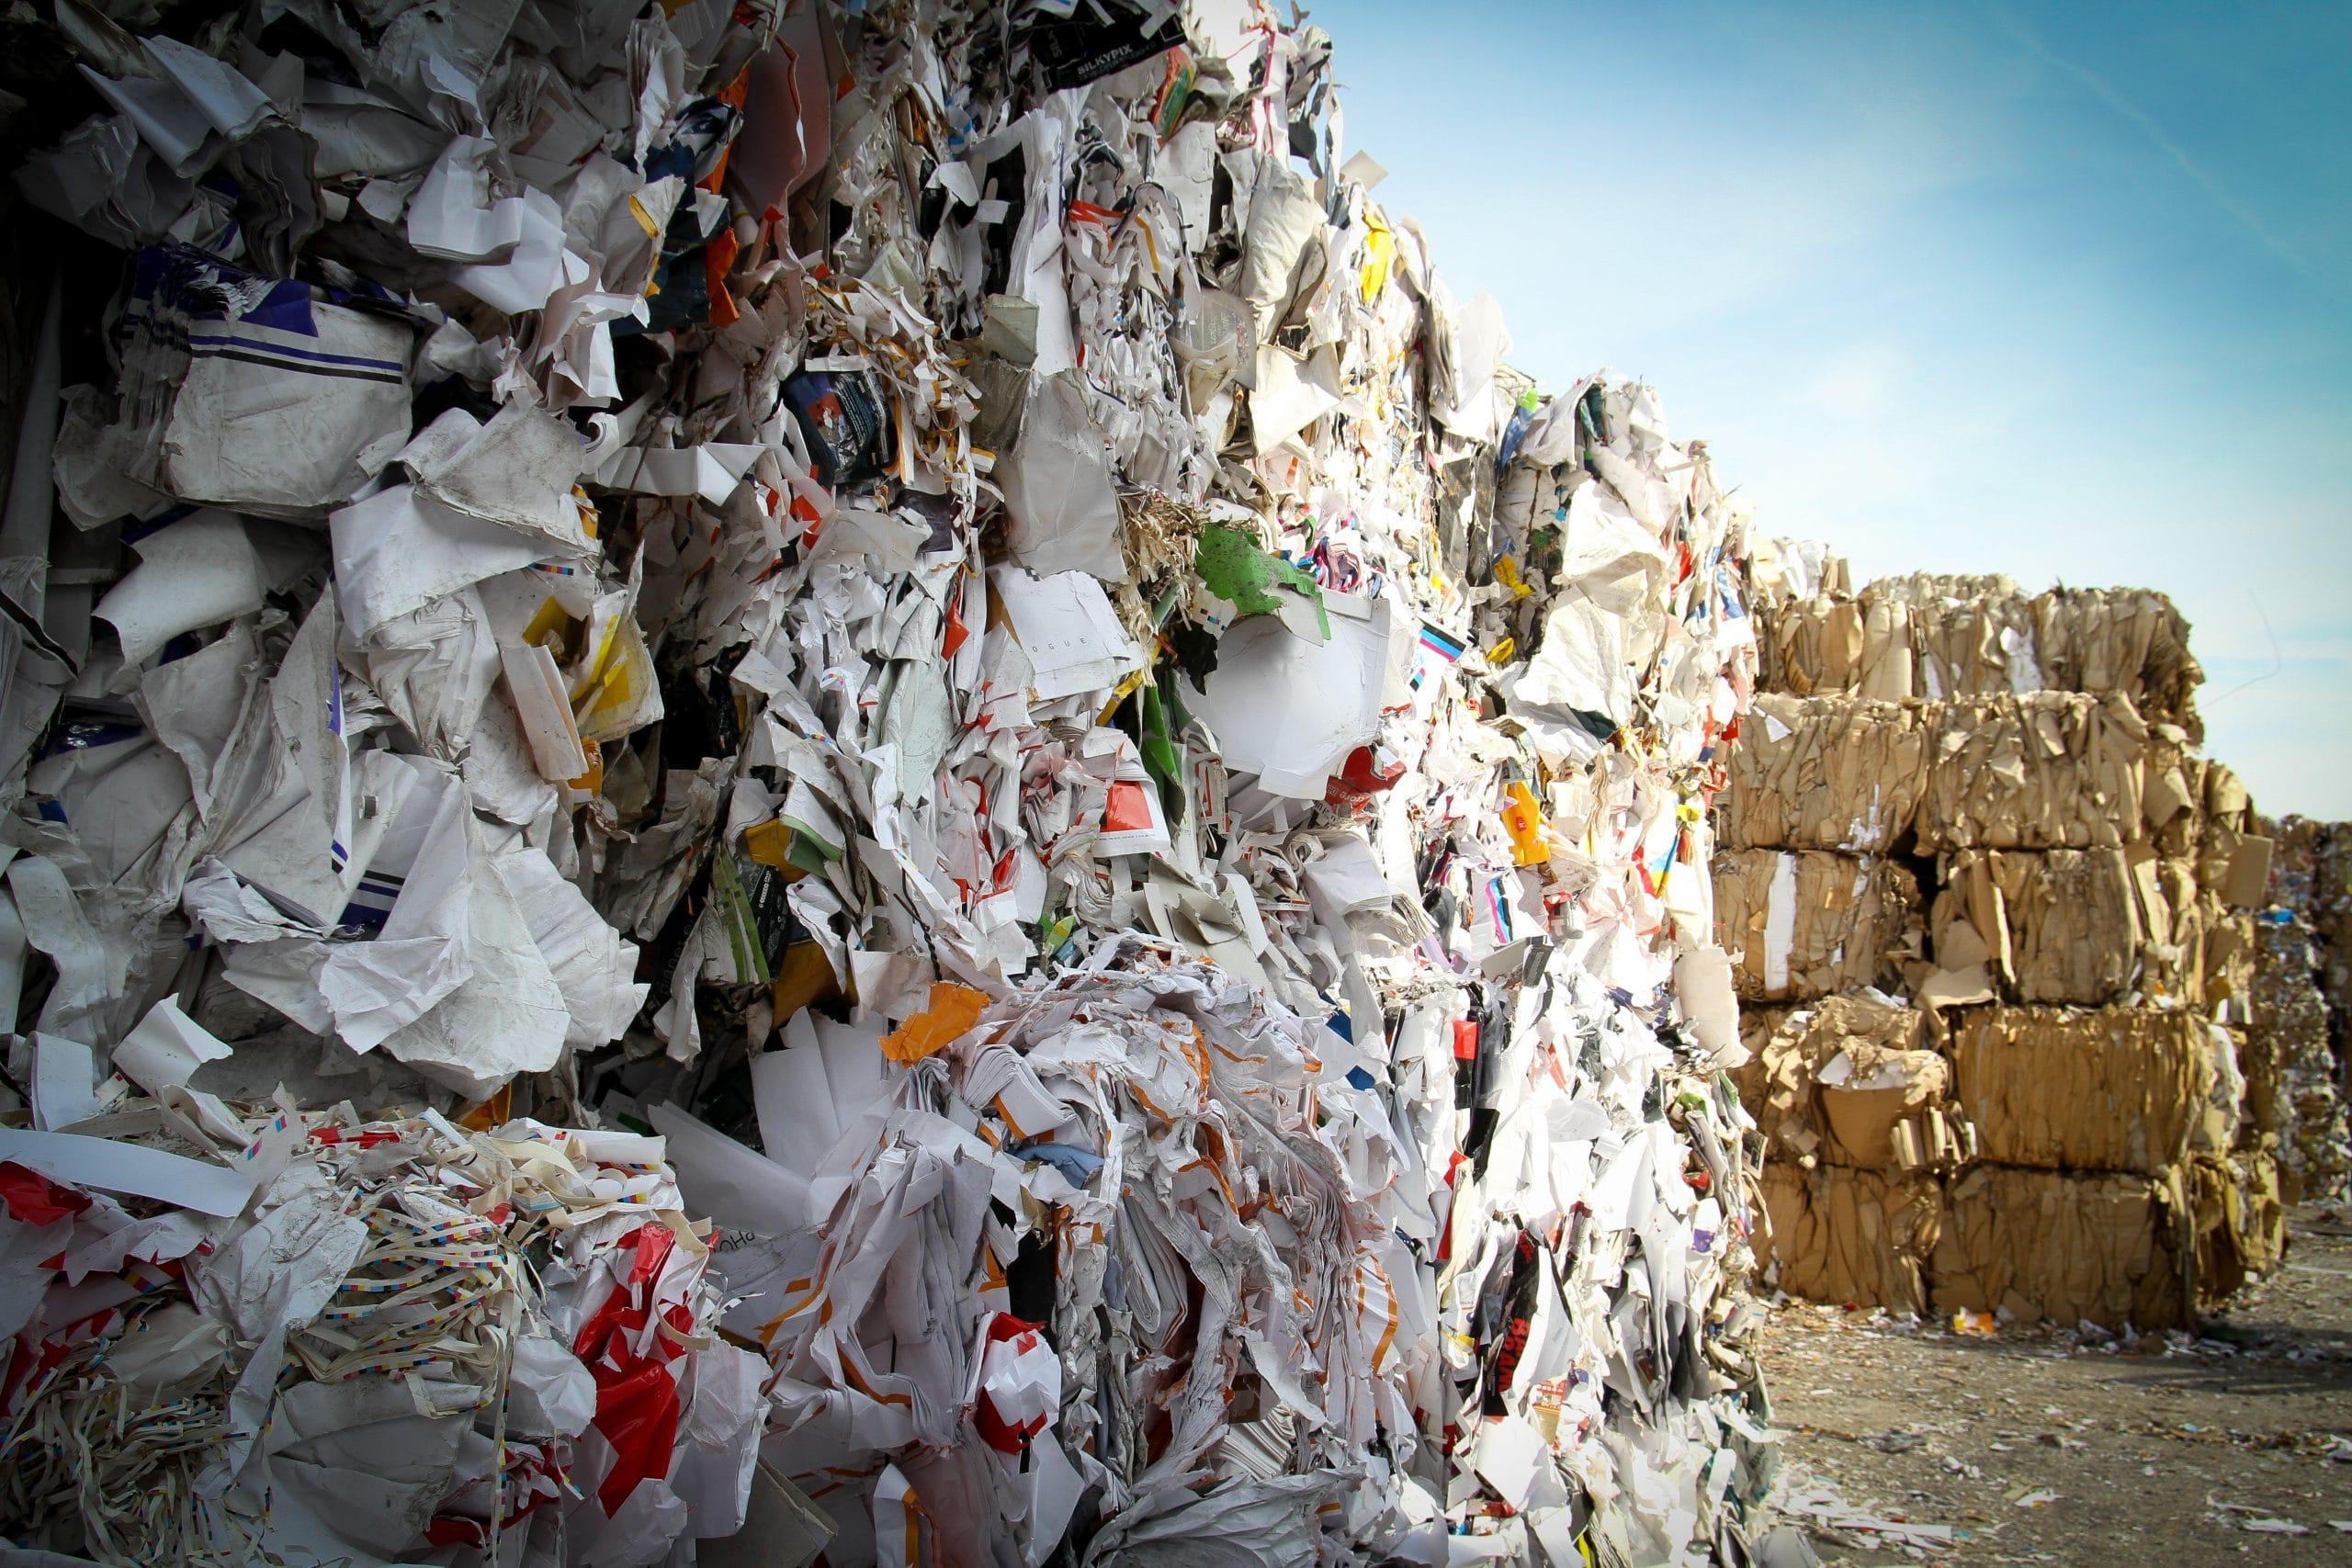 Montante de lixo reciclável separado em coleta